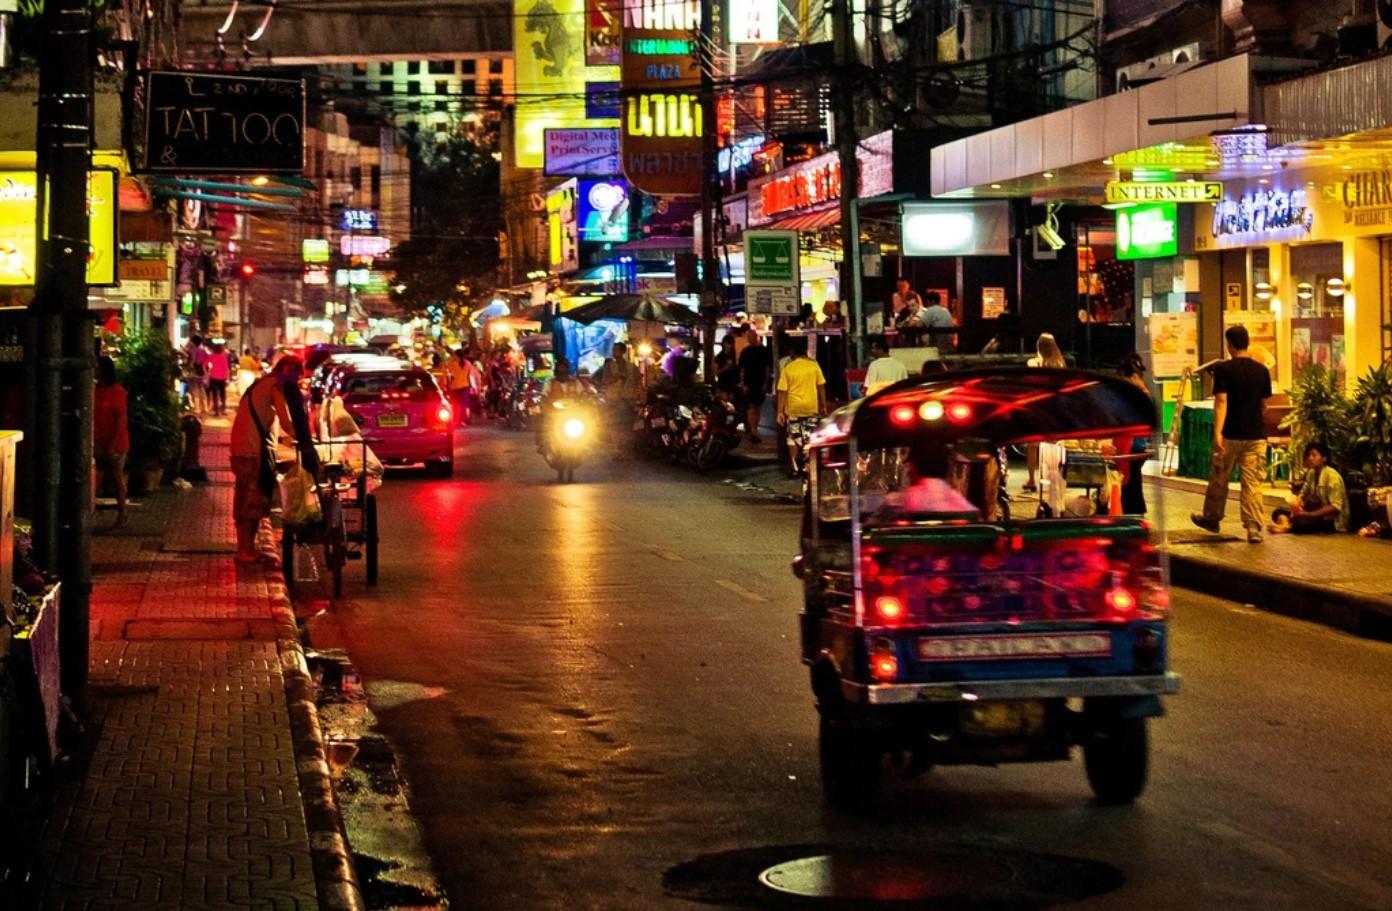 בננה פלאזה שוק לילה תאילנד